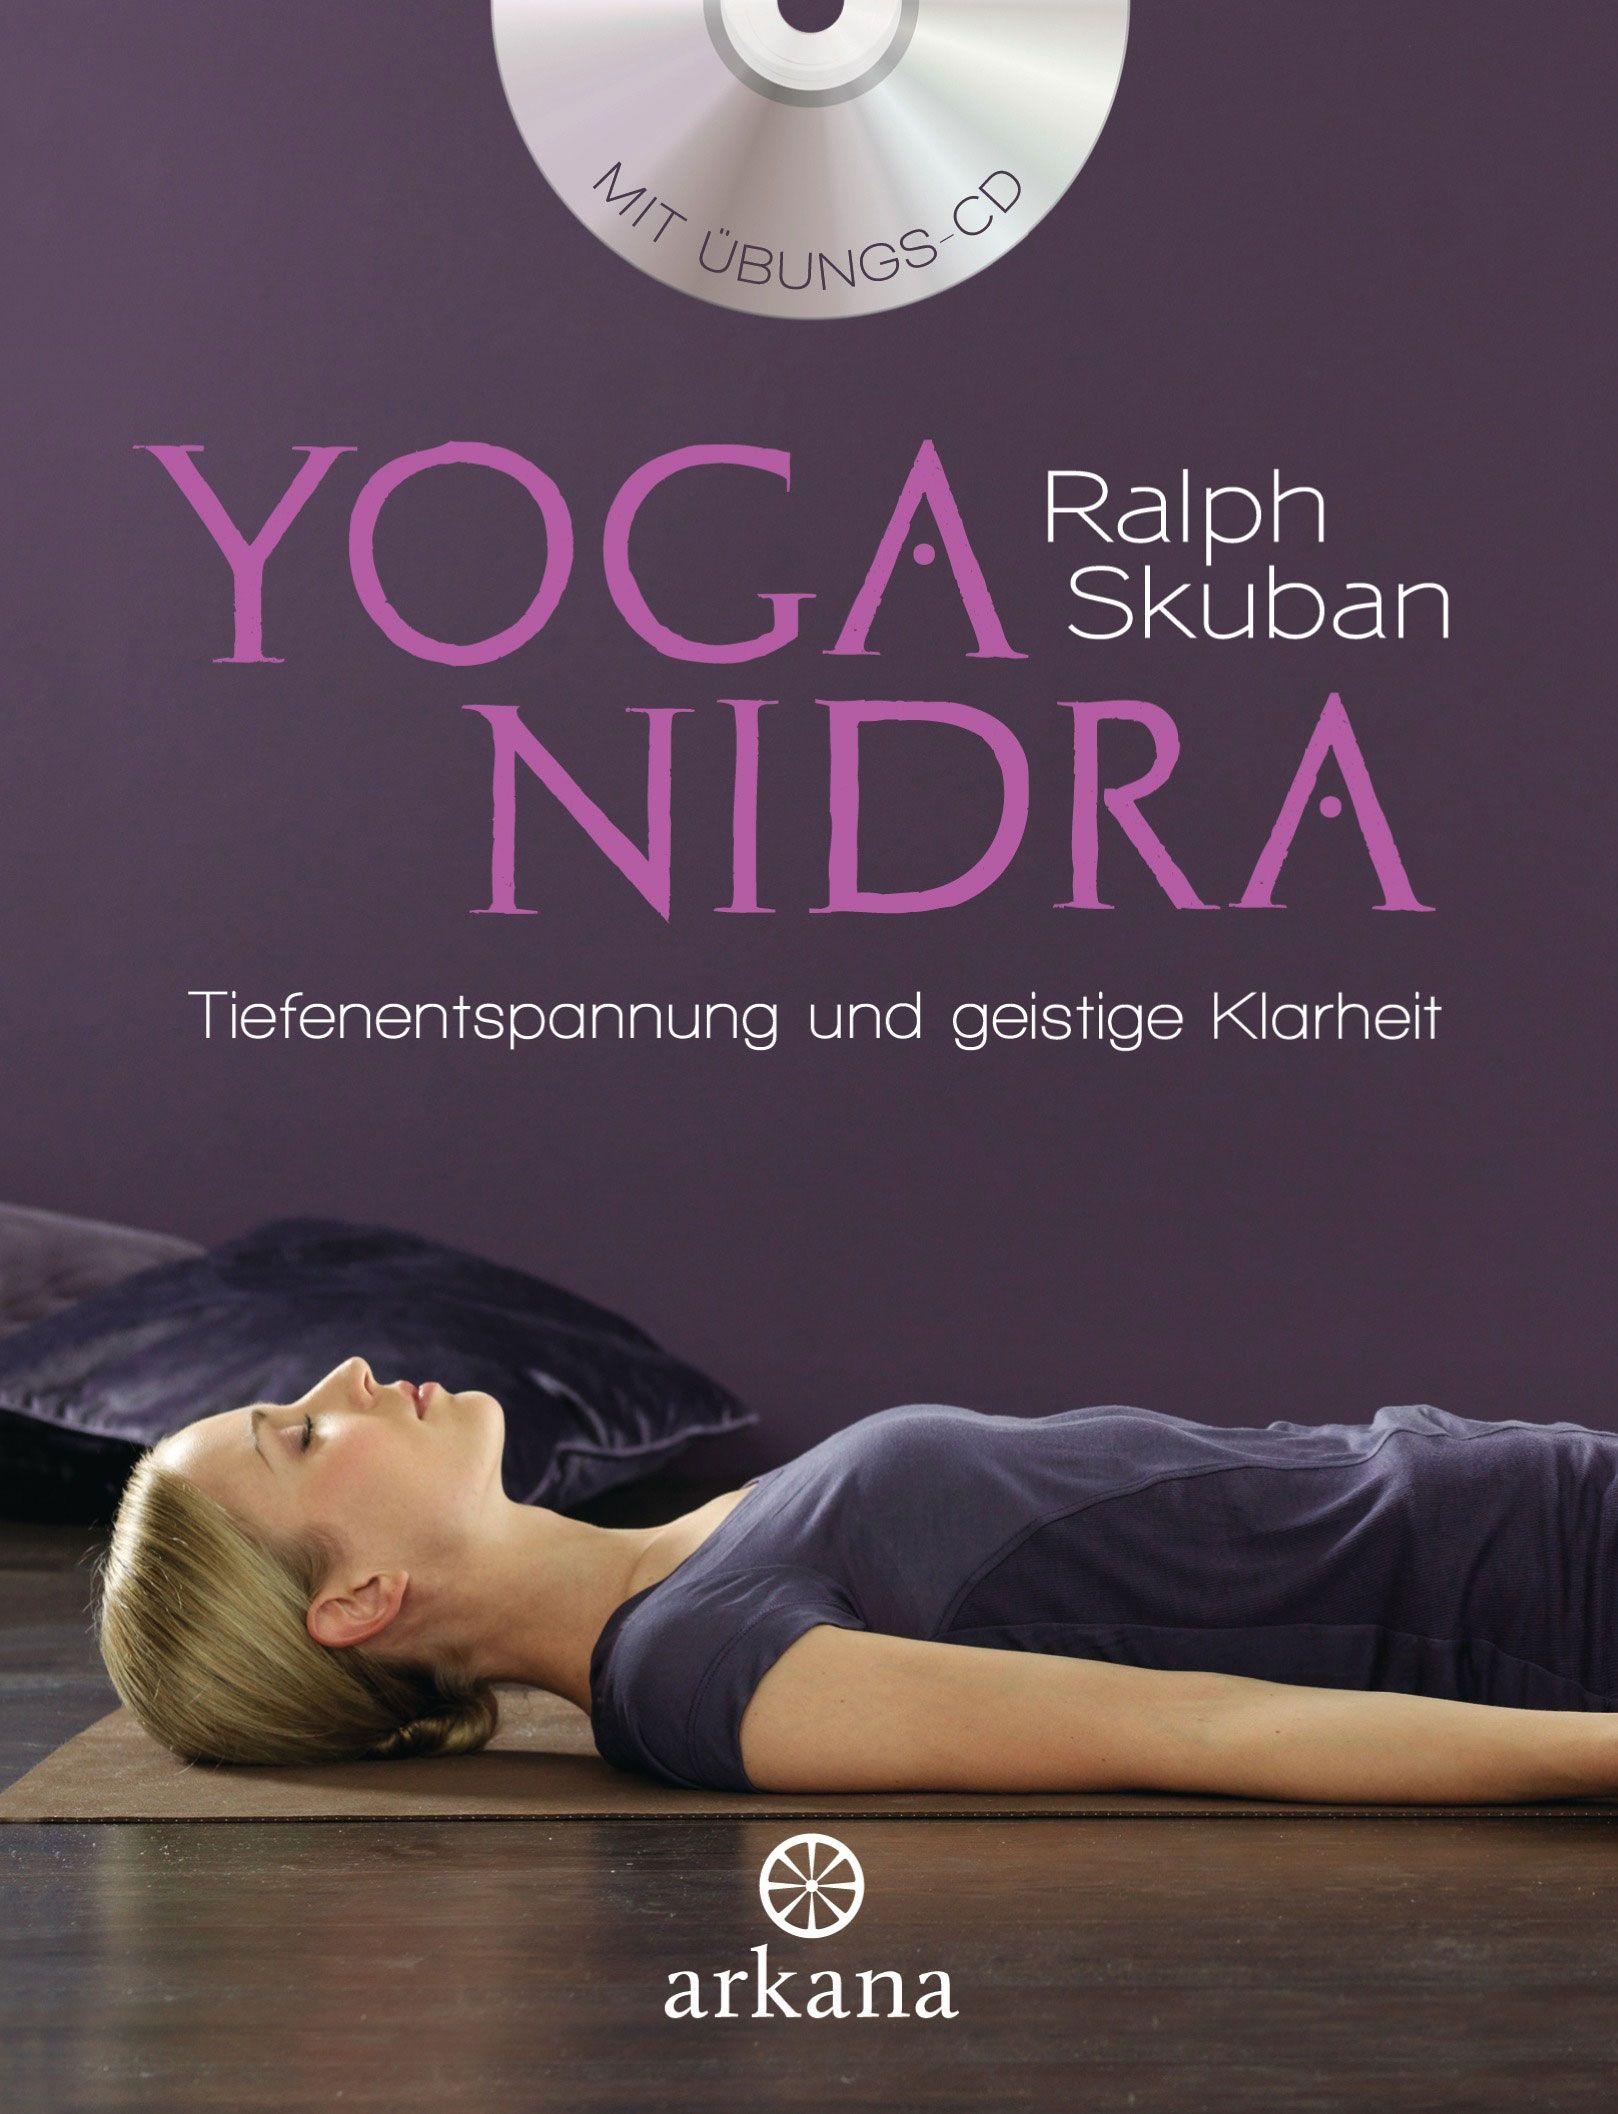 Yoga Philosophie Archive So Ham